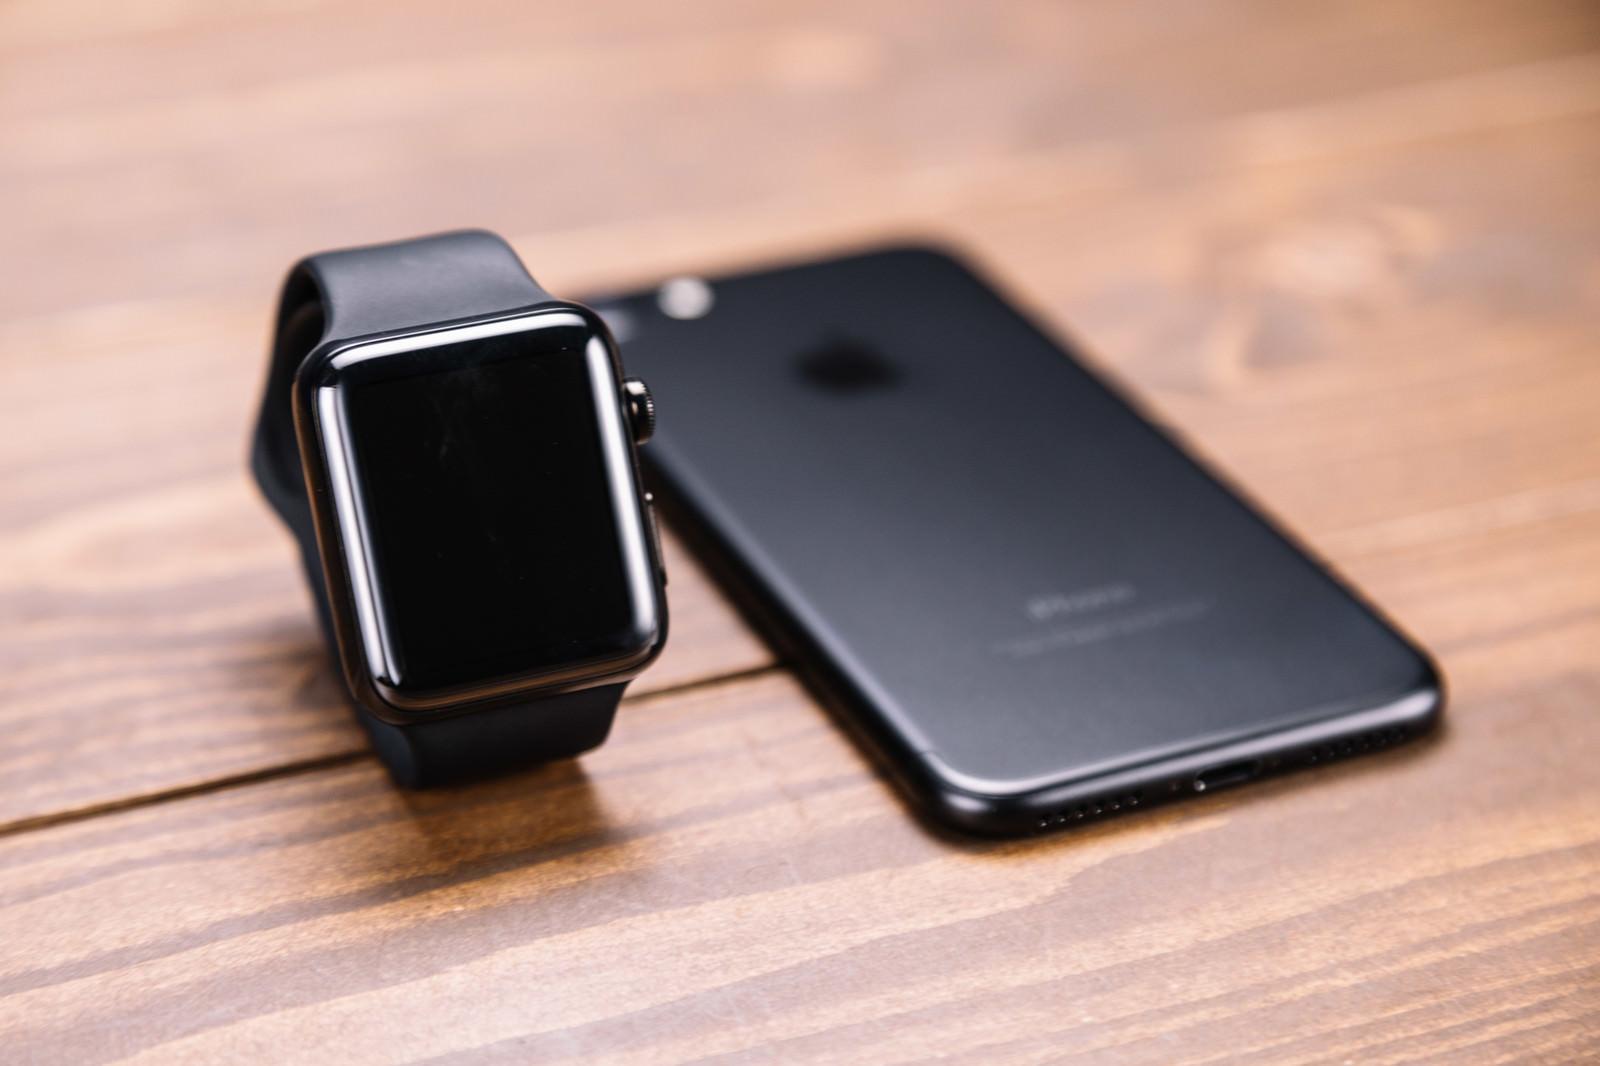 「新型スマートフォンとスマートウォッチ」の写真